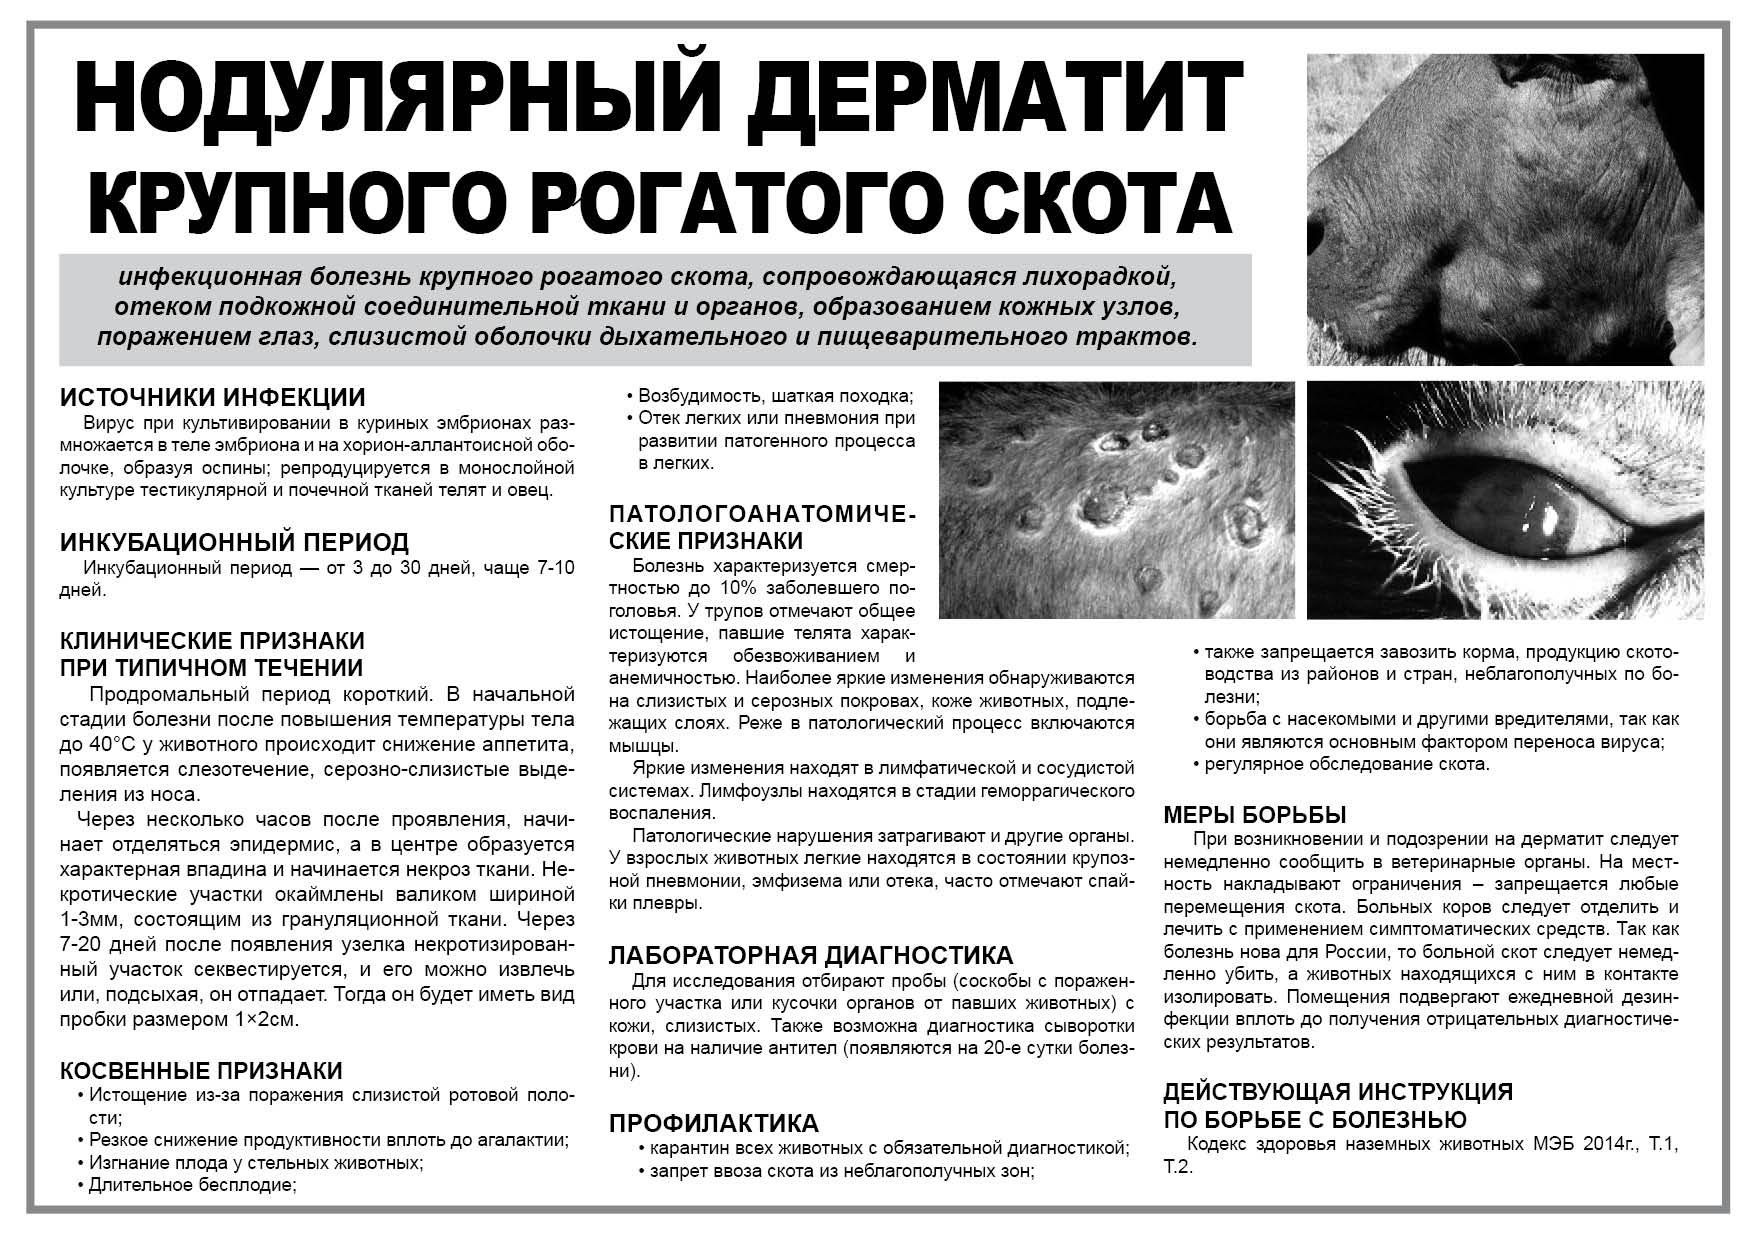 Нодулярный дерматит у человека опасен ли, переходит ли на людей от крупного рогатого скота?